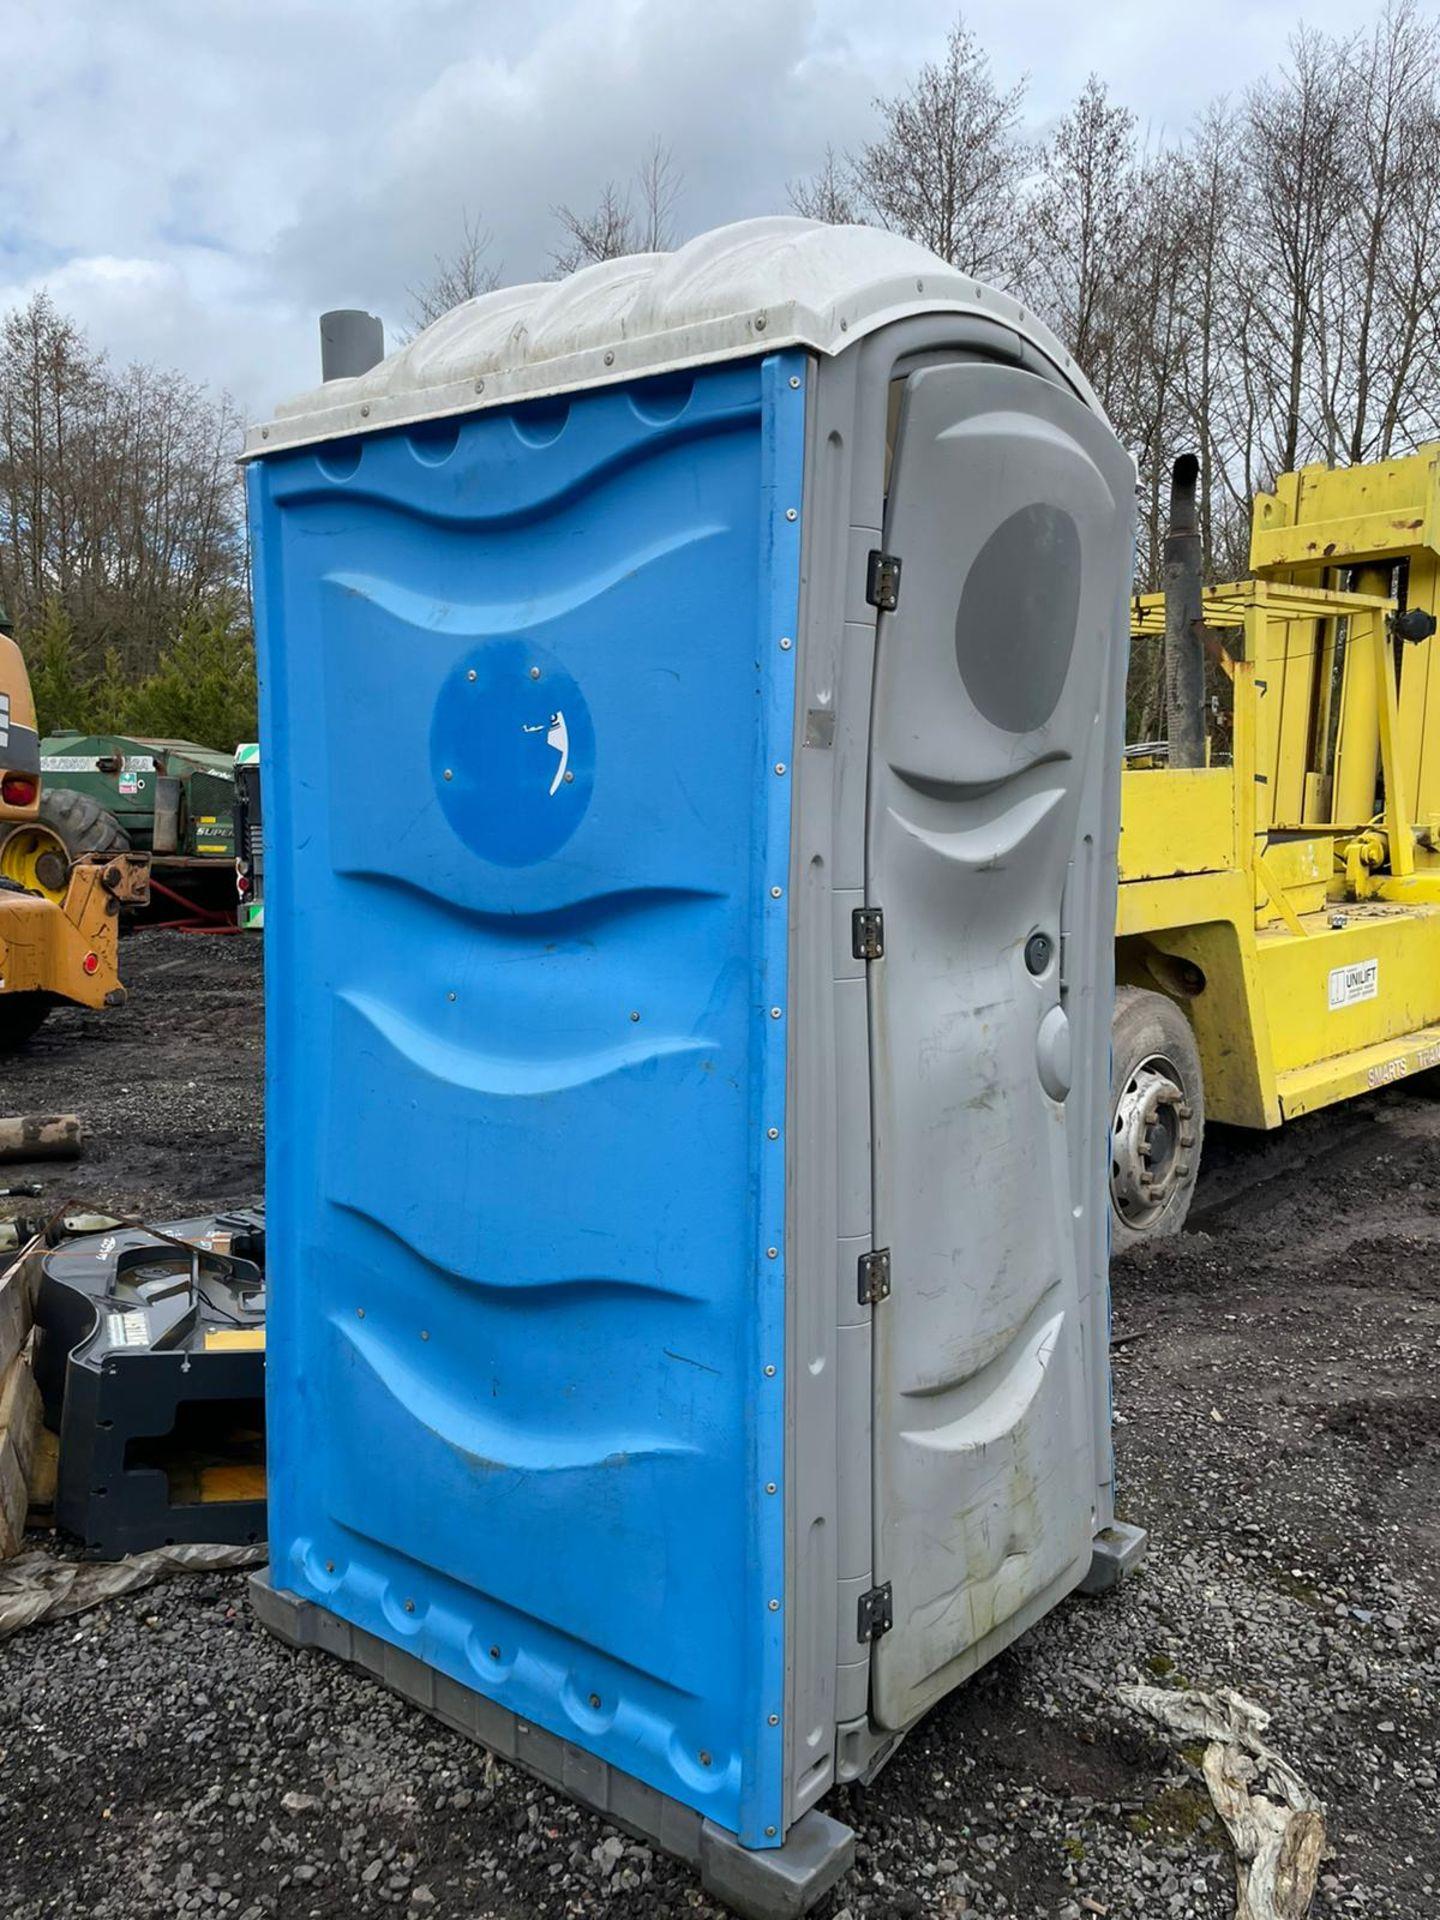 Portaloo Toilet Block, Door Is Bent, plus VAT